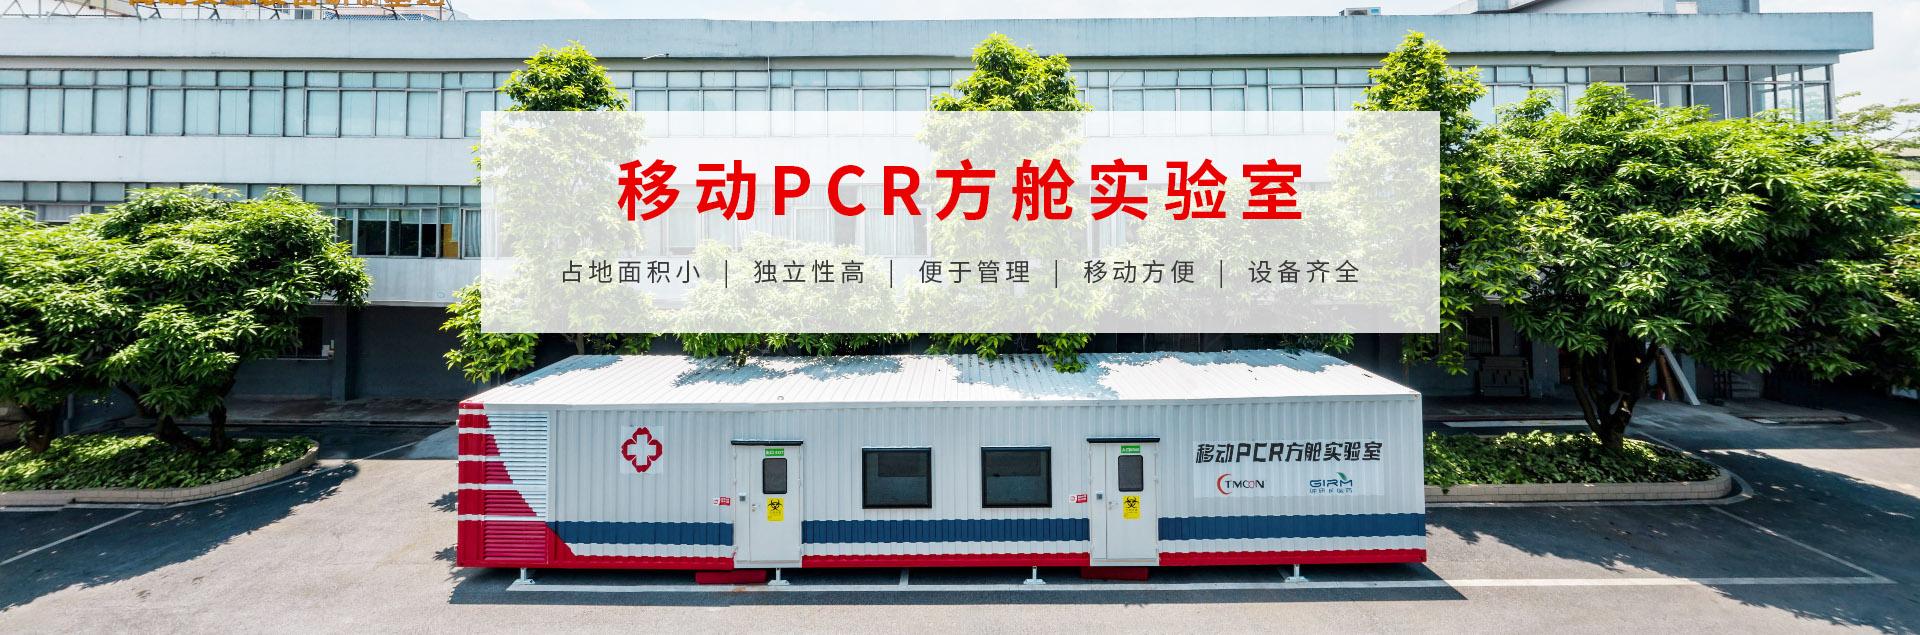 移動PCR方艙實驗室